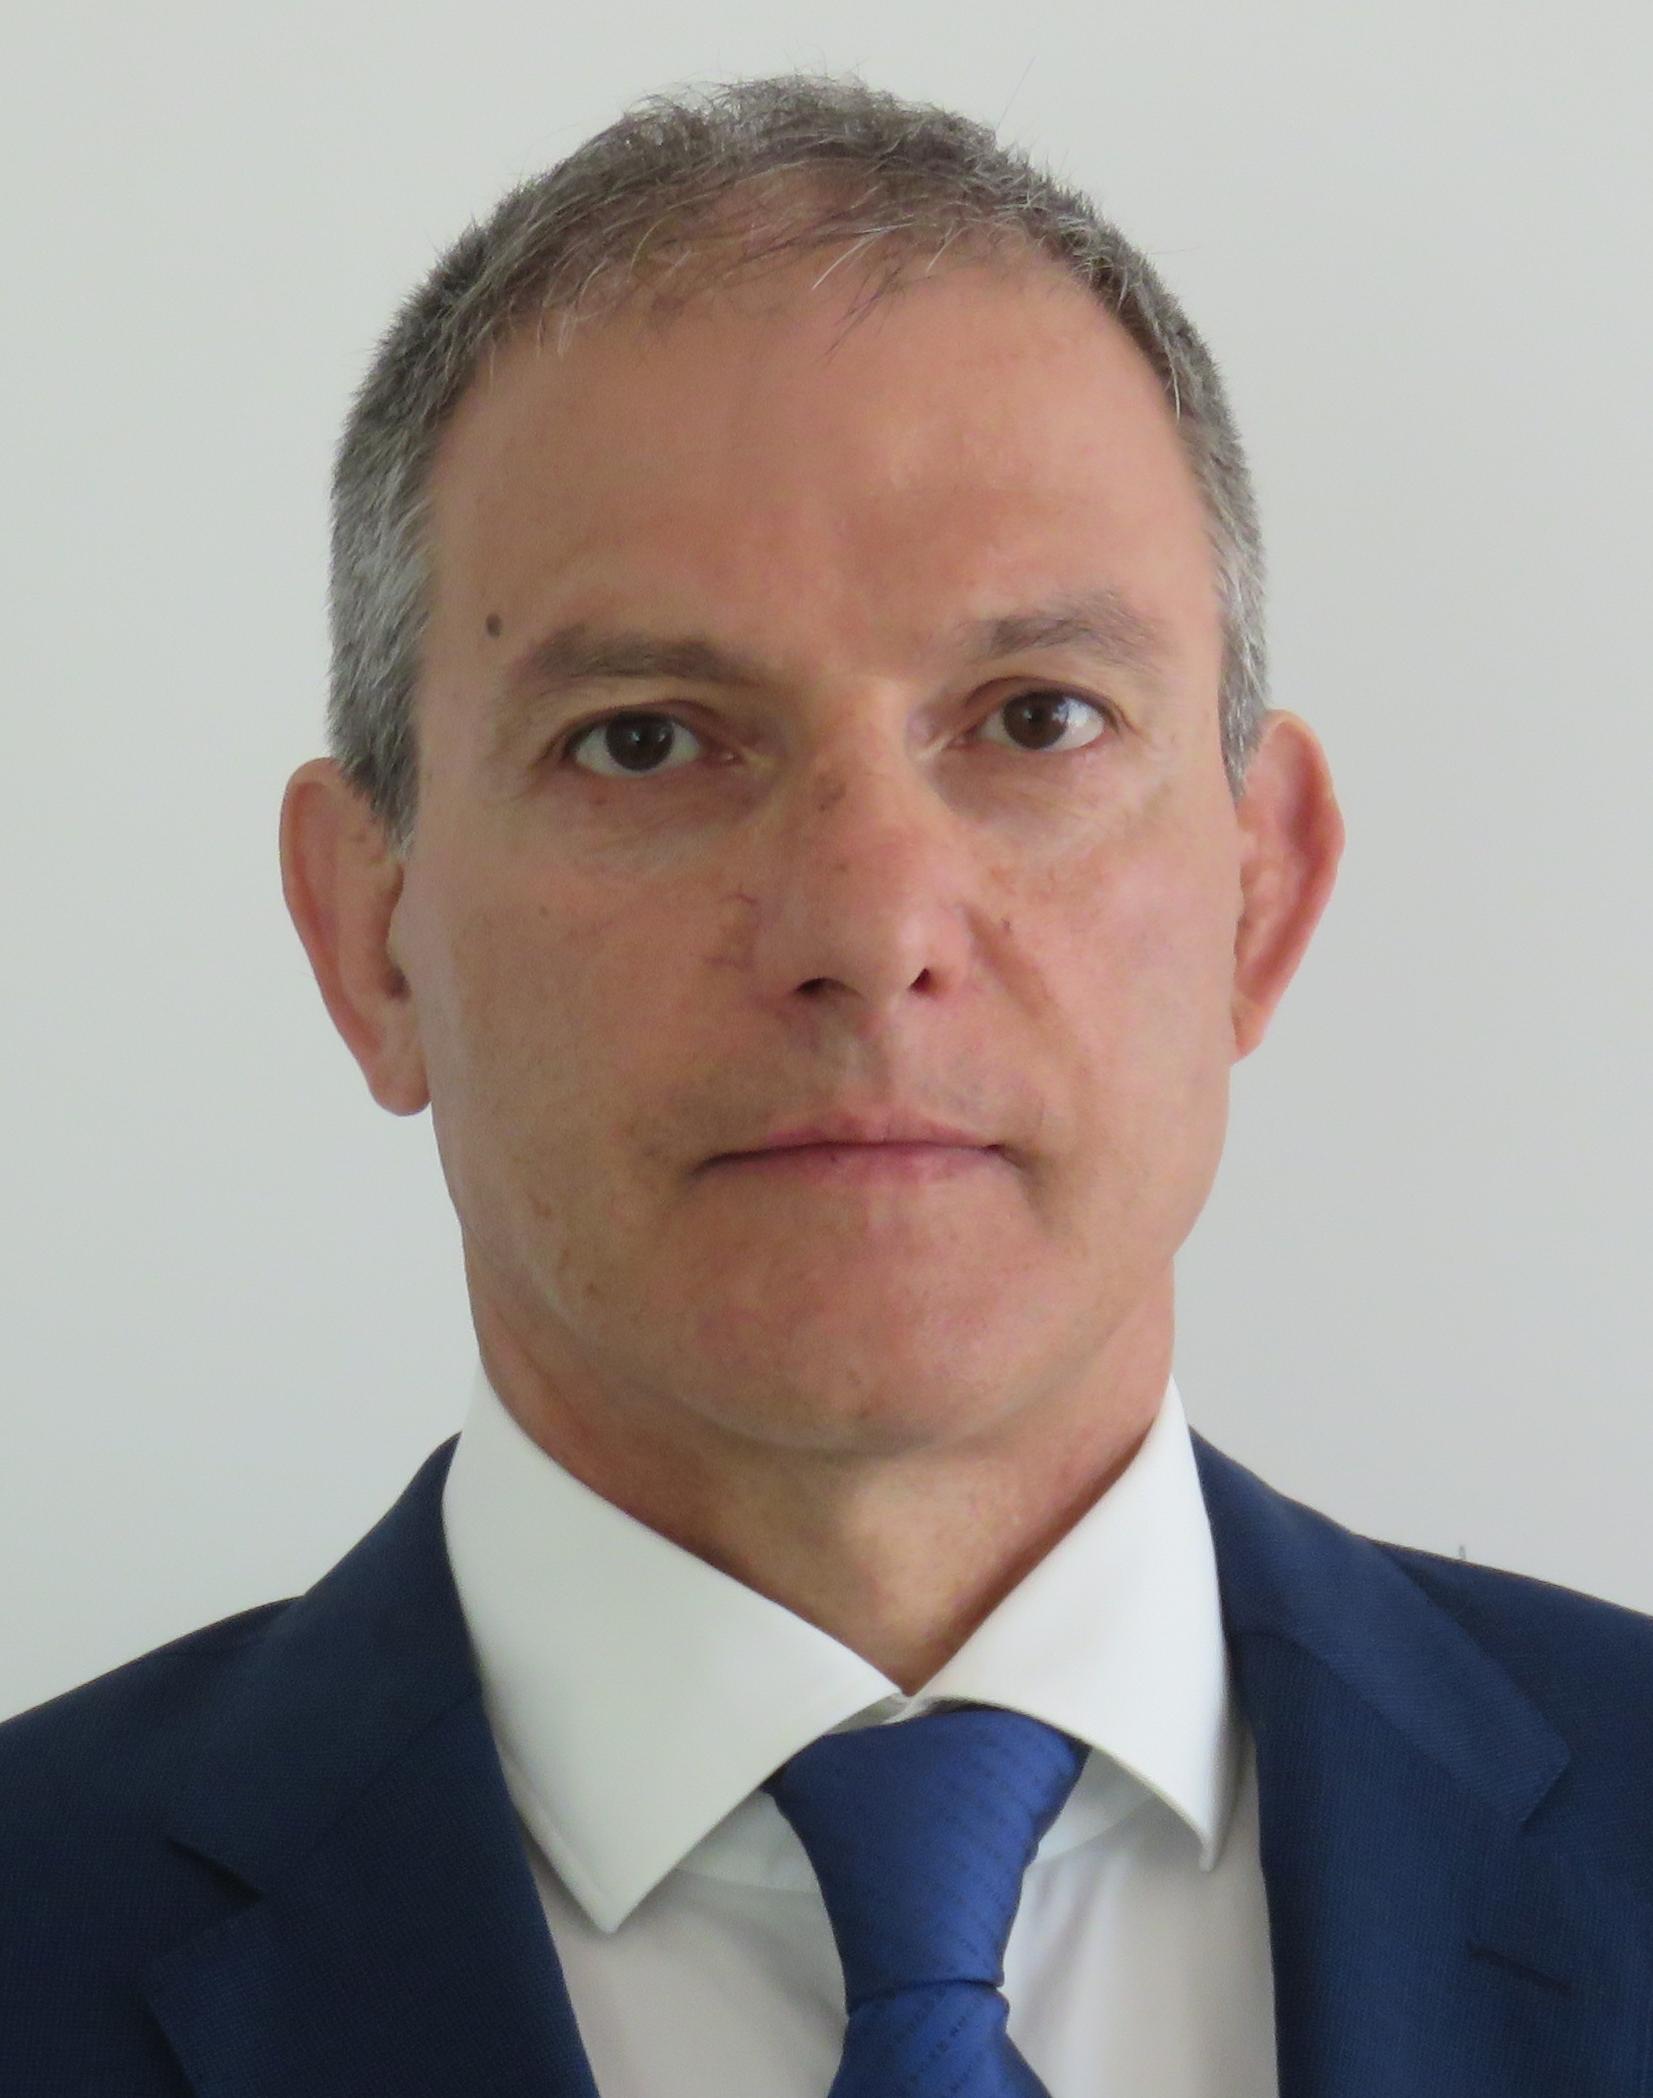 Mr. Pedro Goncalves